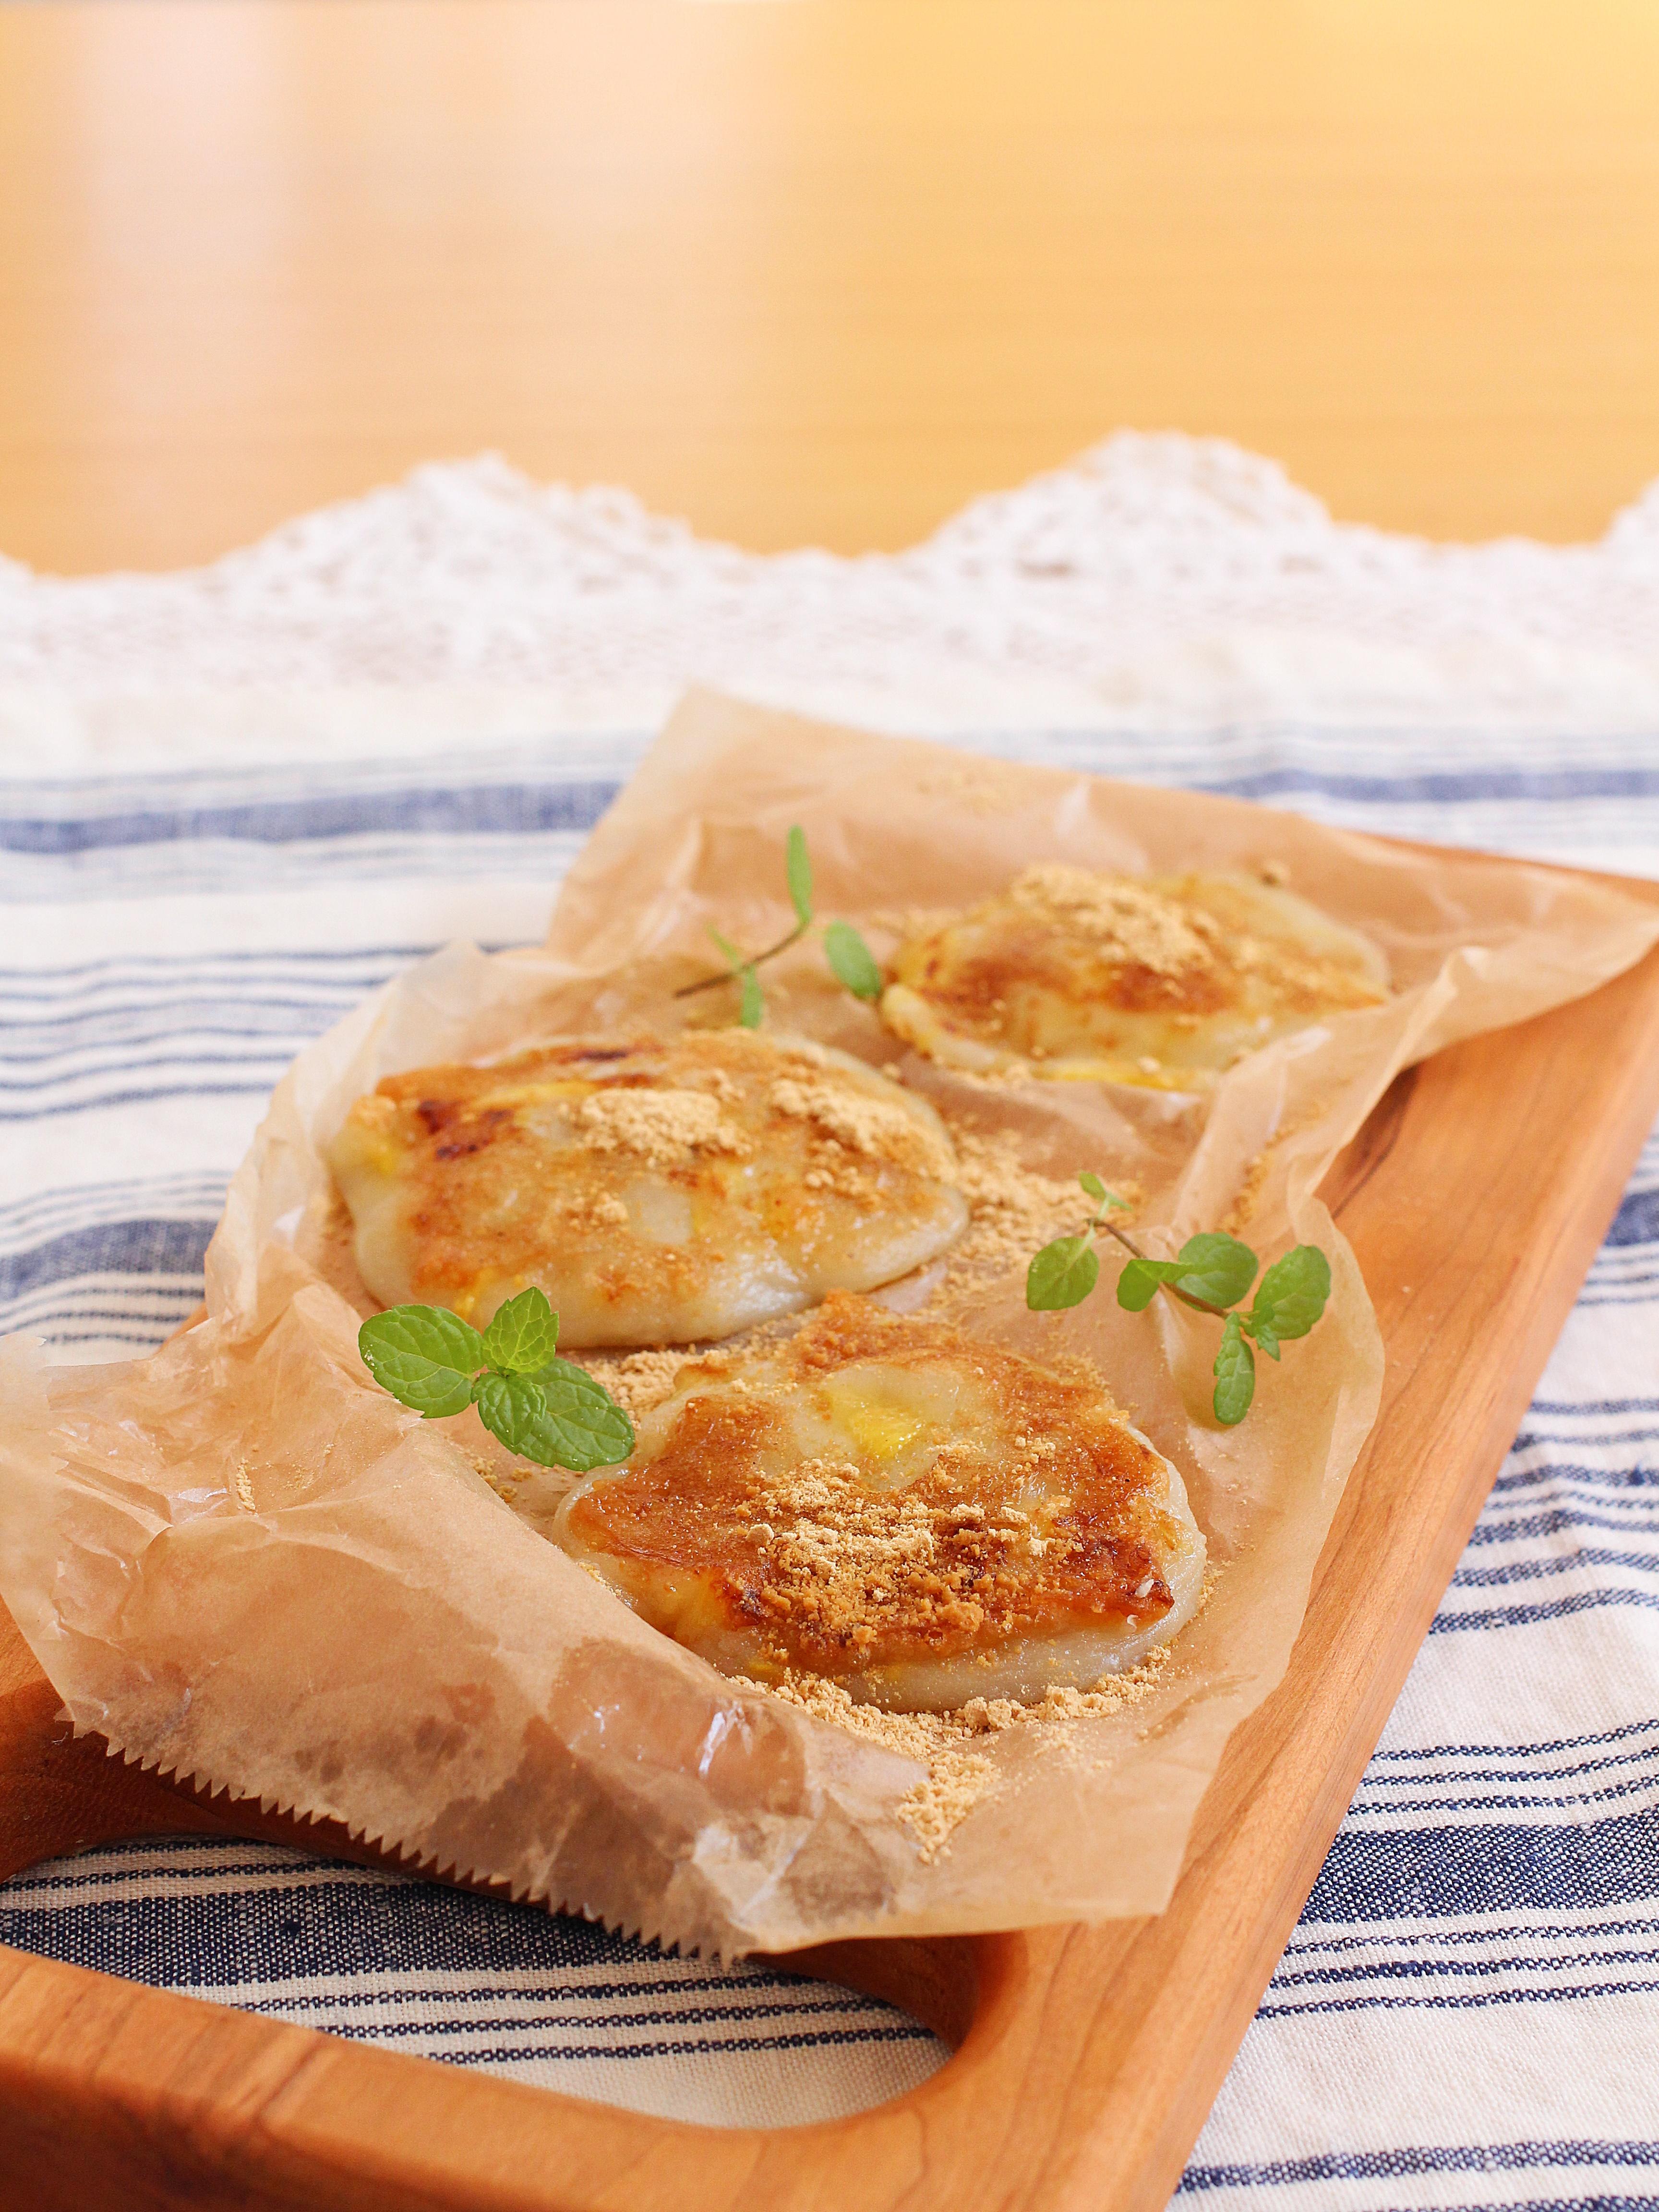 【レシピ掲載:白玉レシピ】白玉とパイナップルのココナッツミルク焼き:玉三川光物産